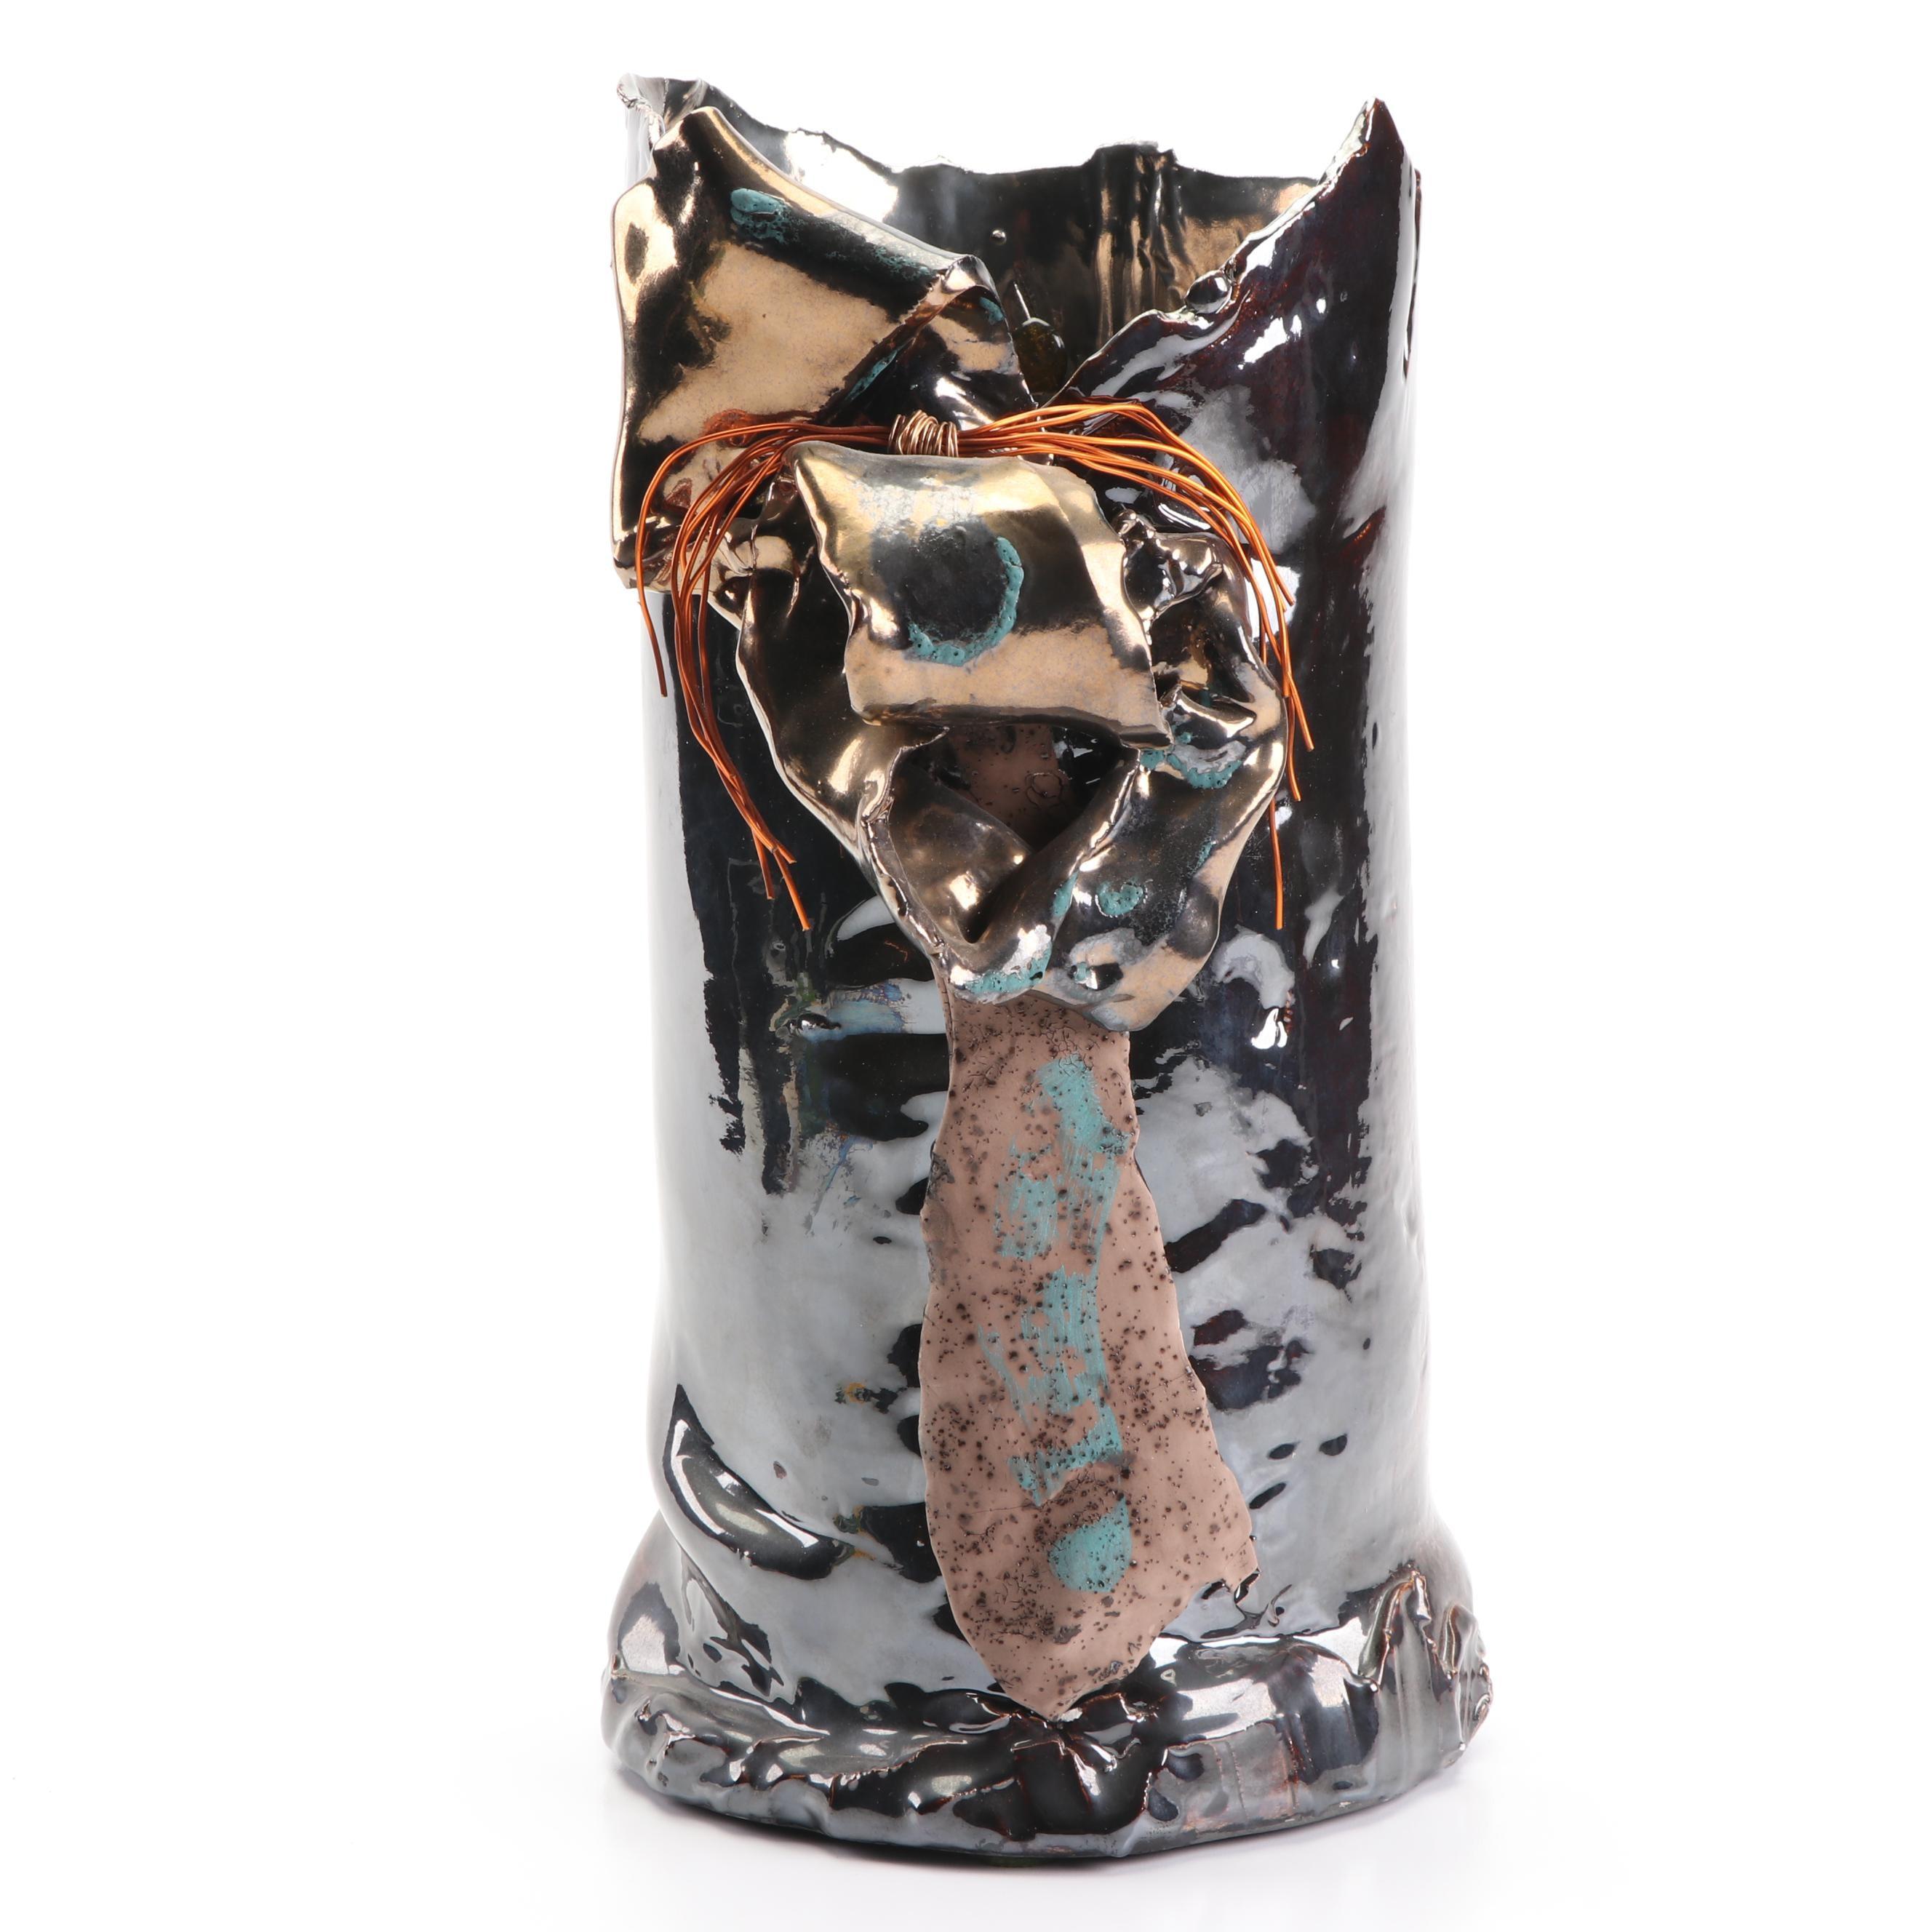 Signed Handbuilt Stoneware Sculptural Vase with Copper Luster Glaze